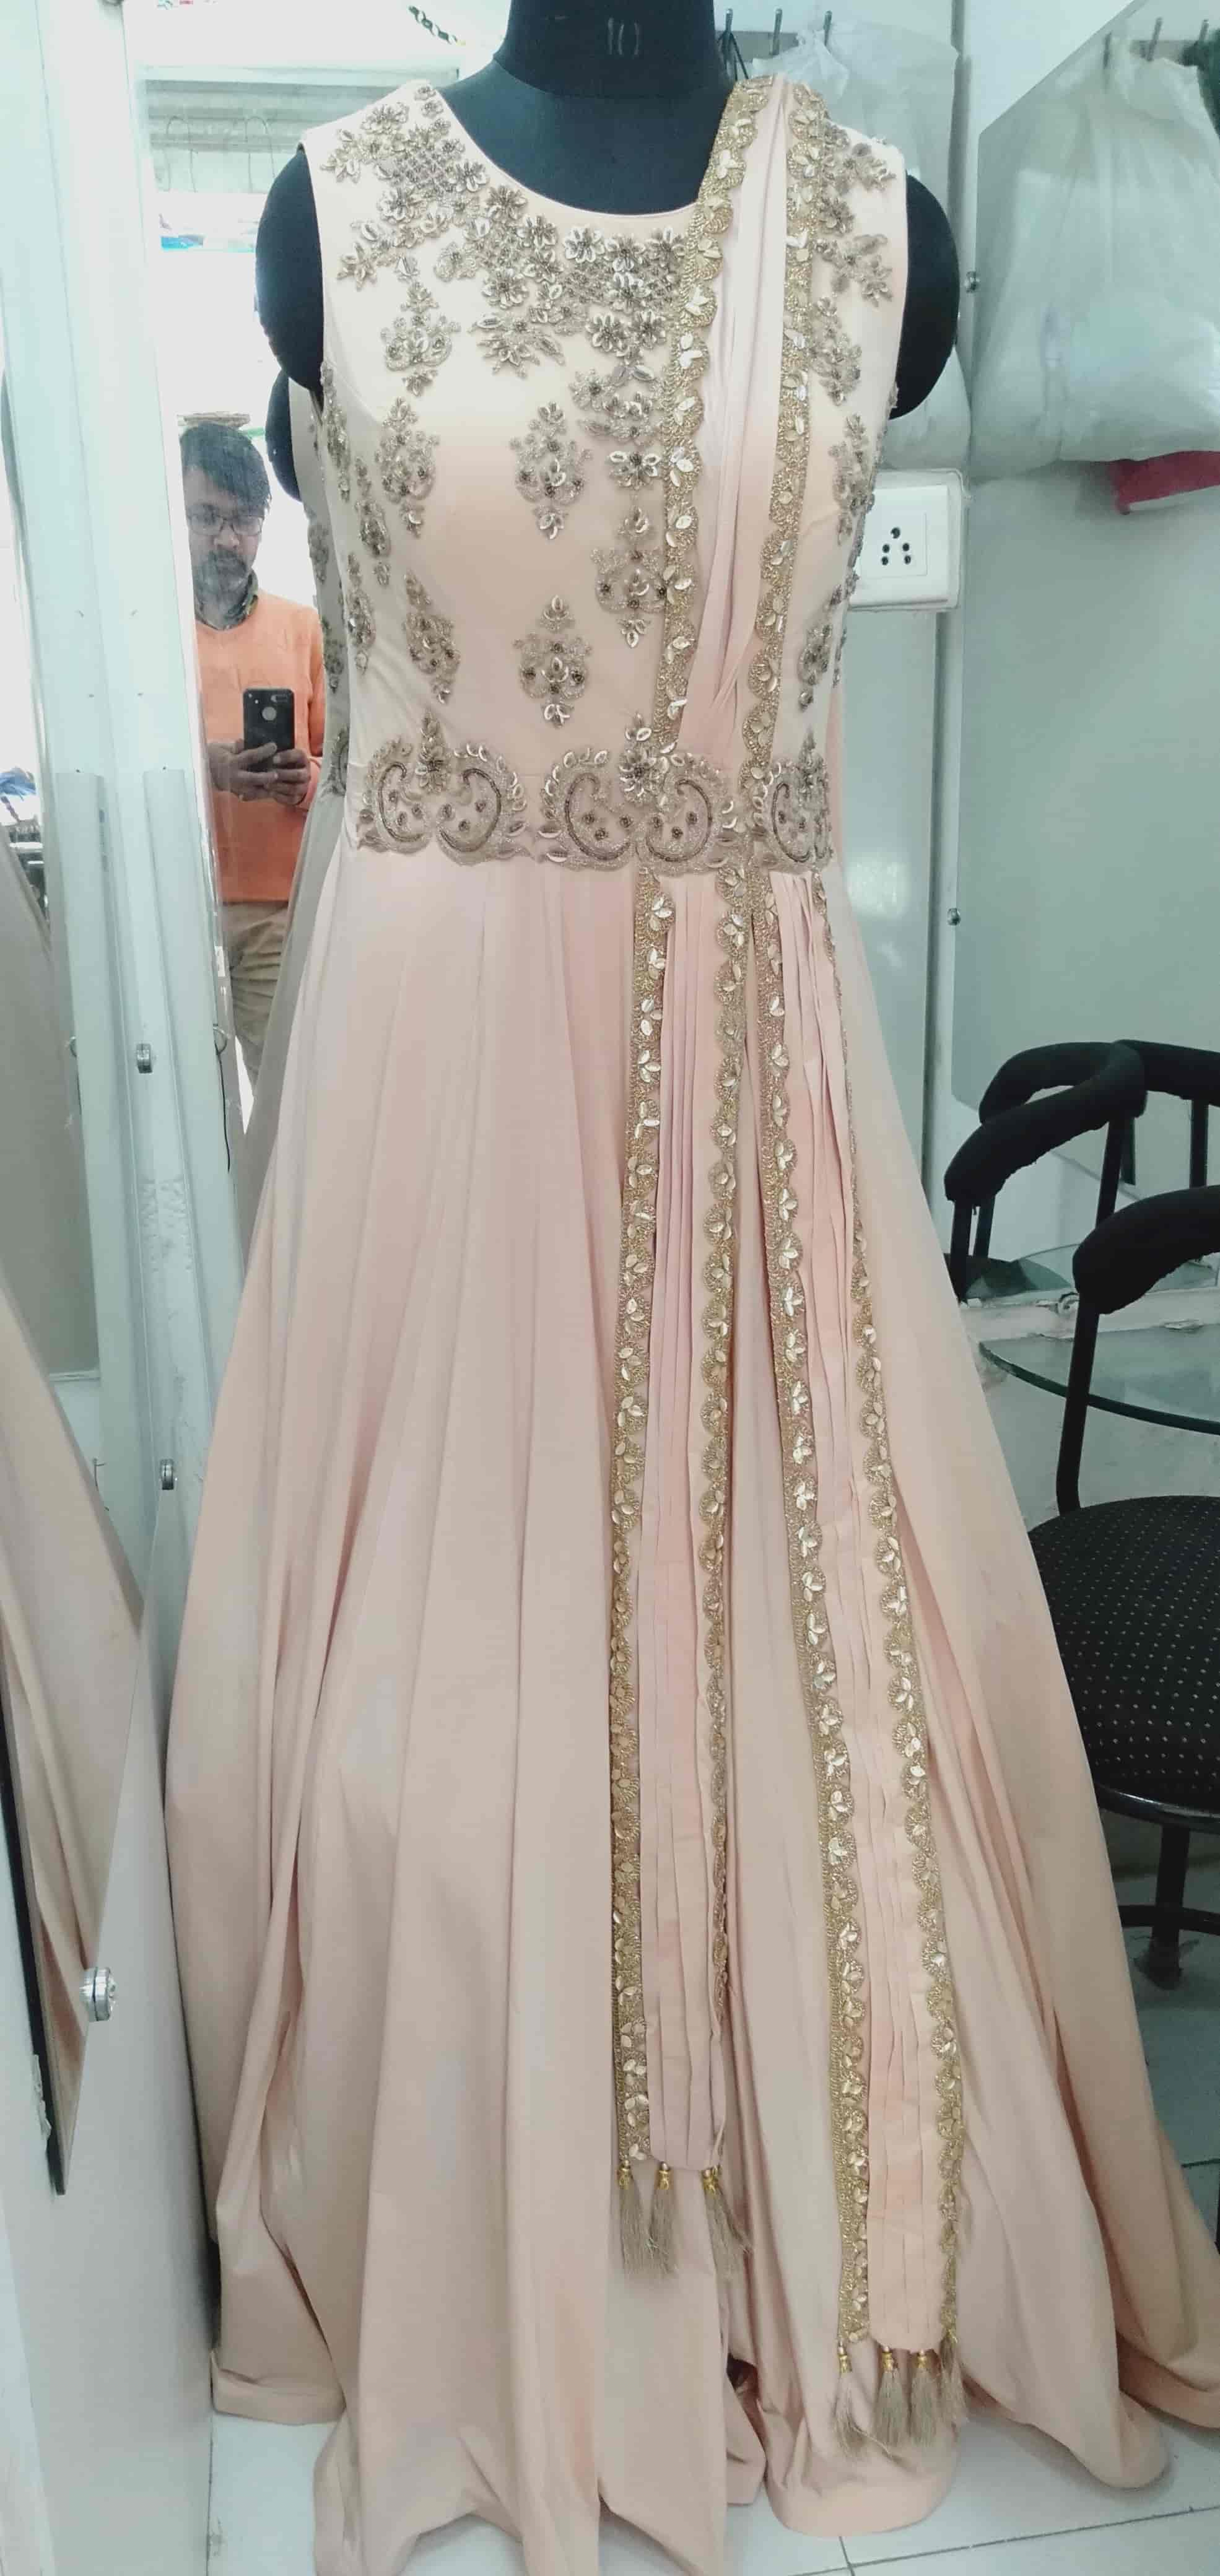 ak designer boutique rajouri garden delhi women boutiques 6kwyli6kfo